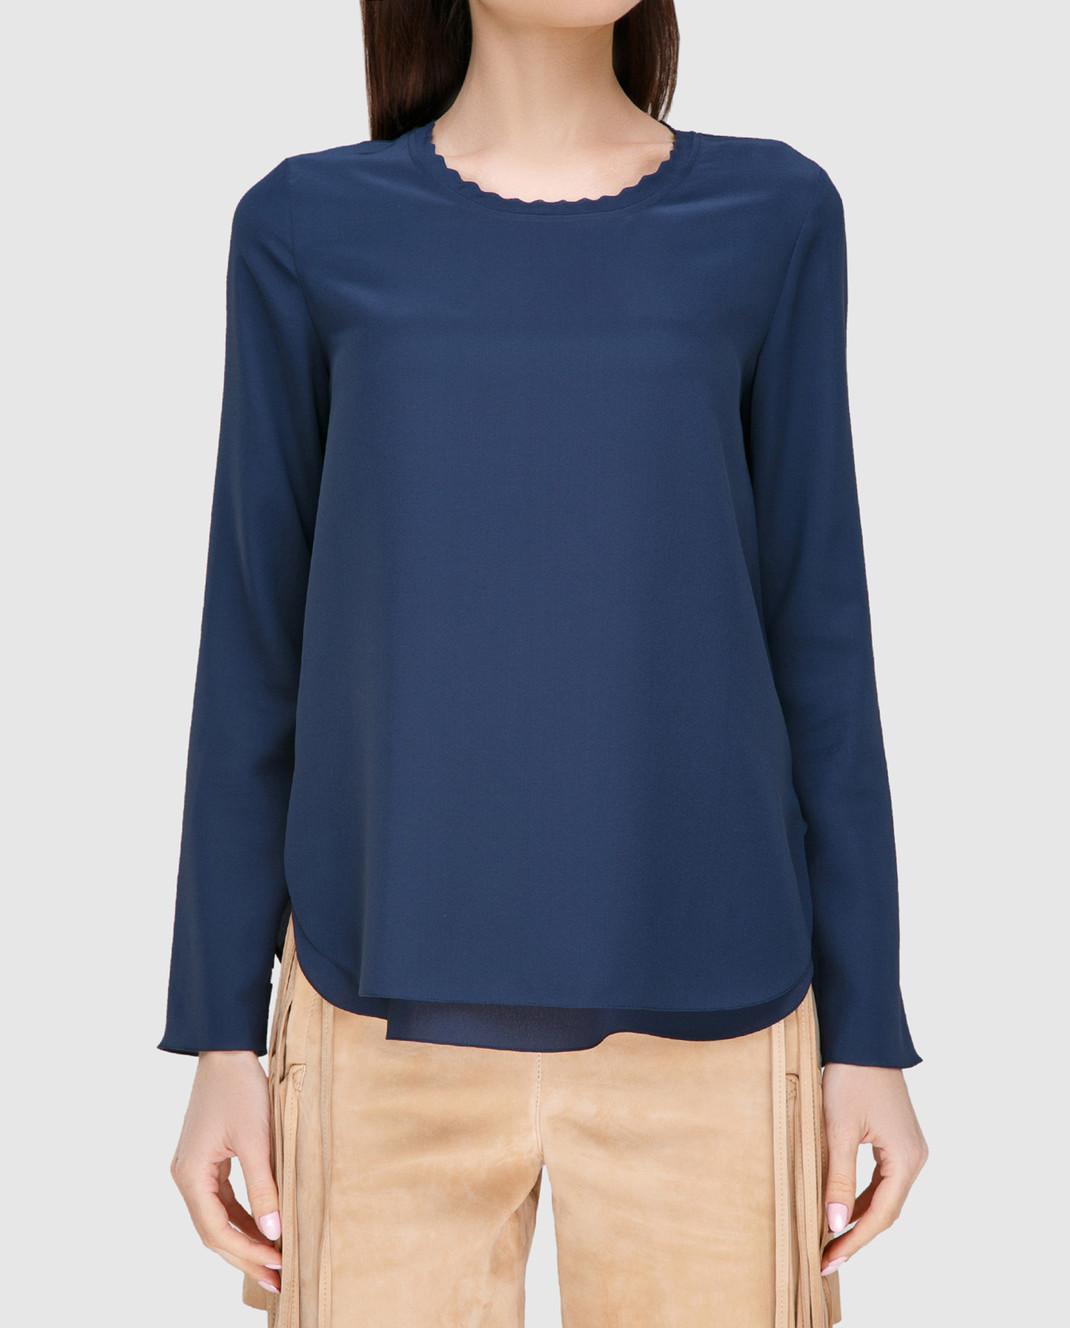 Chloe Синяя блуза 17SHT31 изображение 3